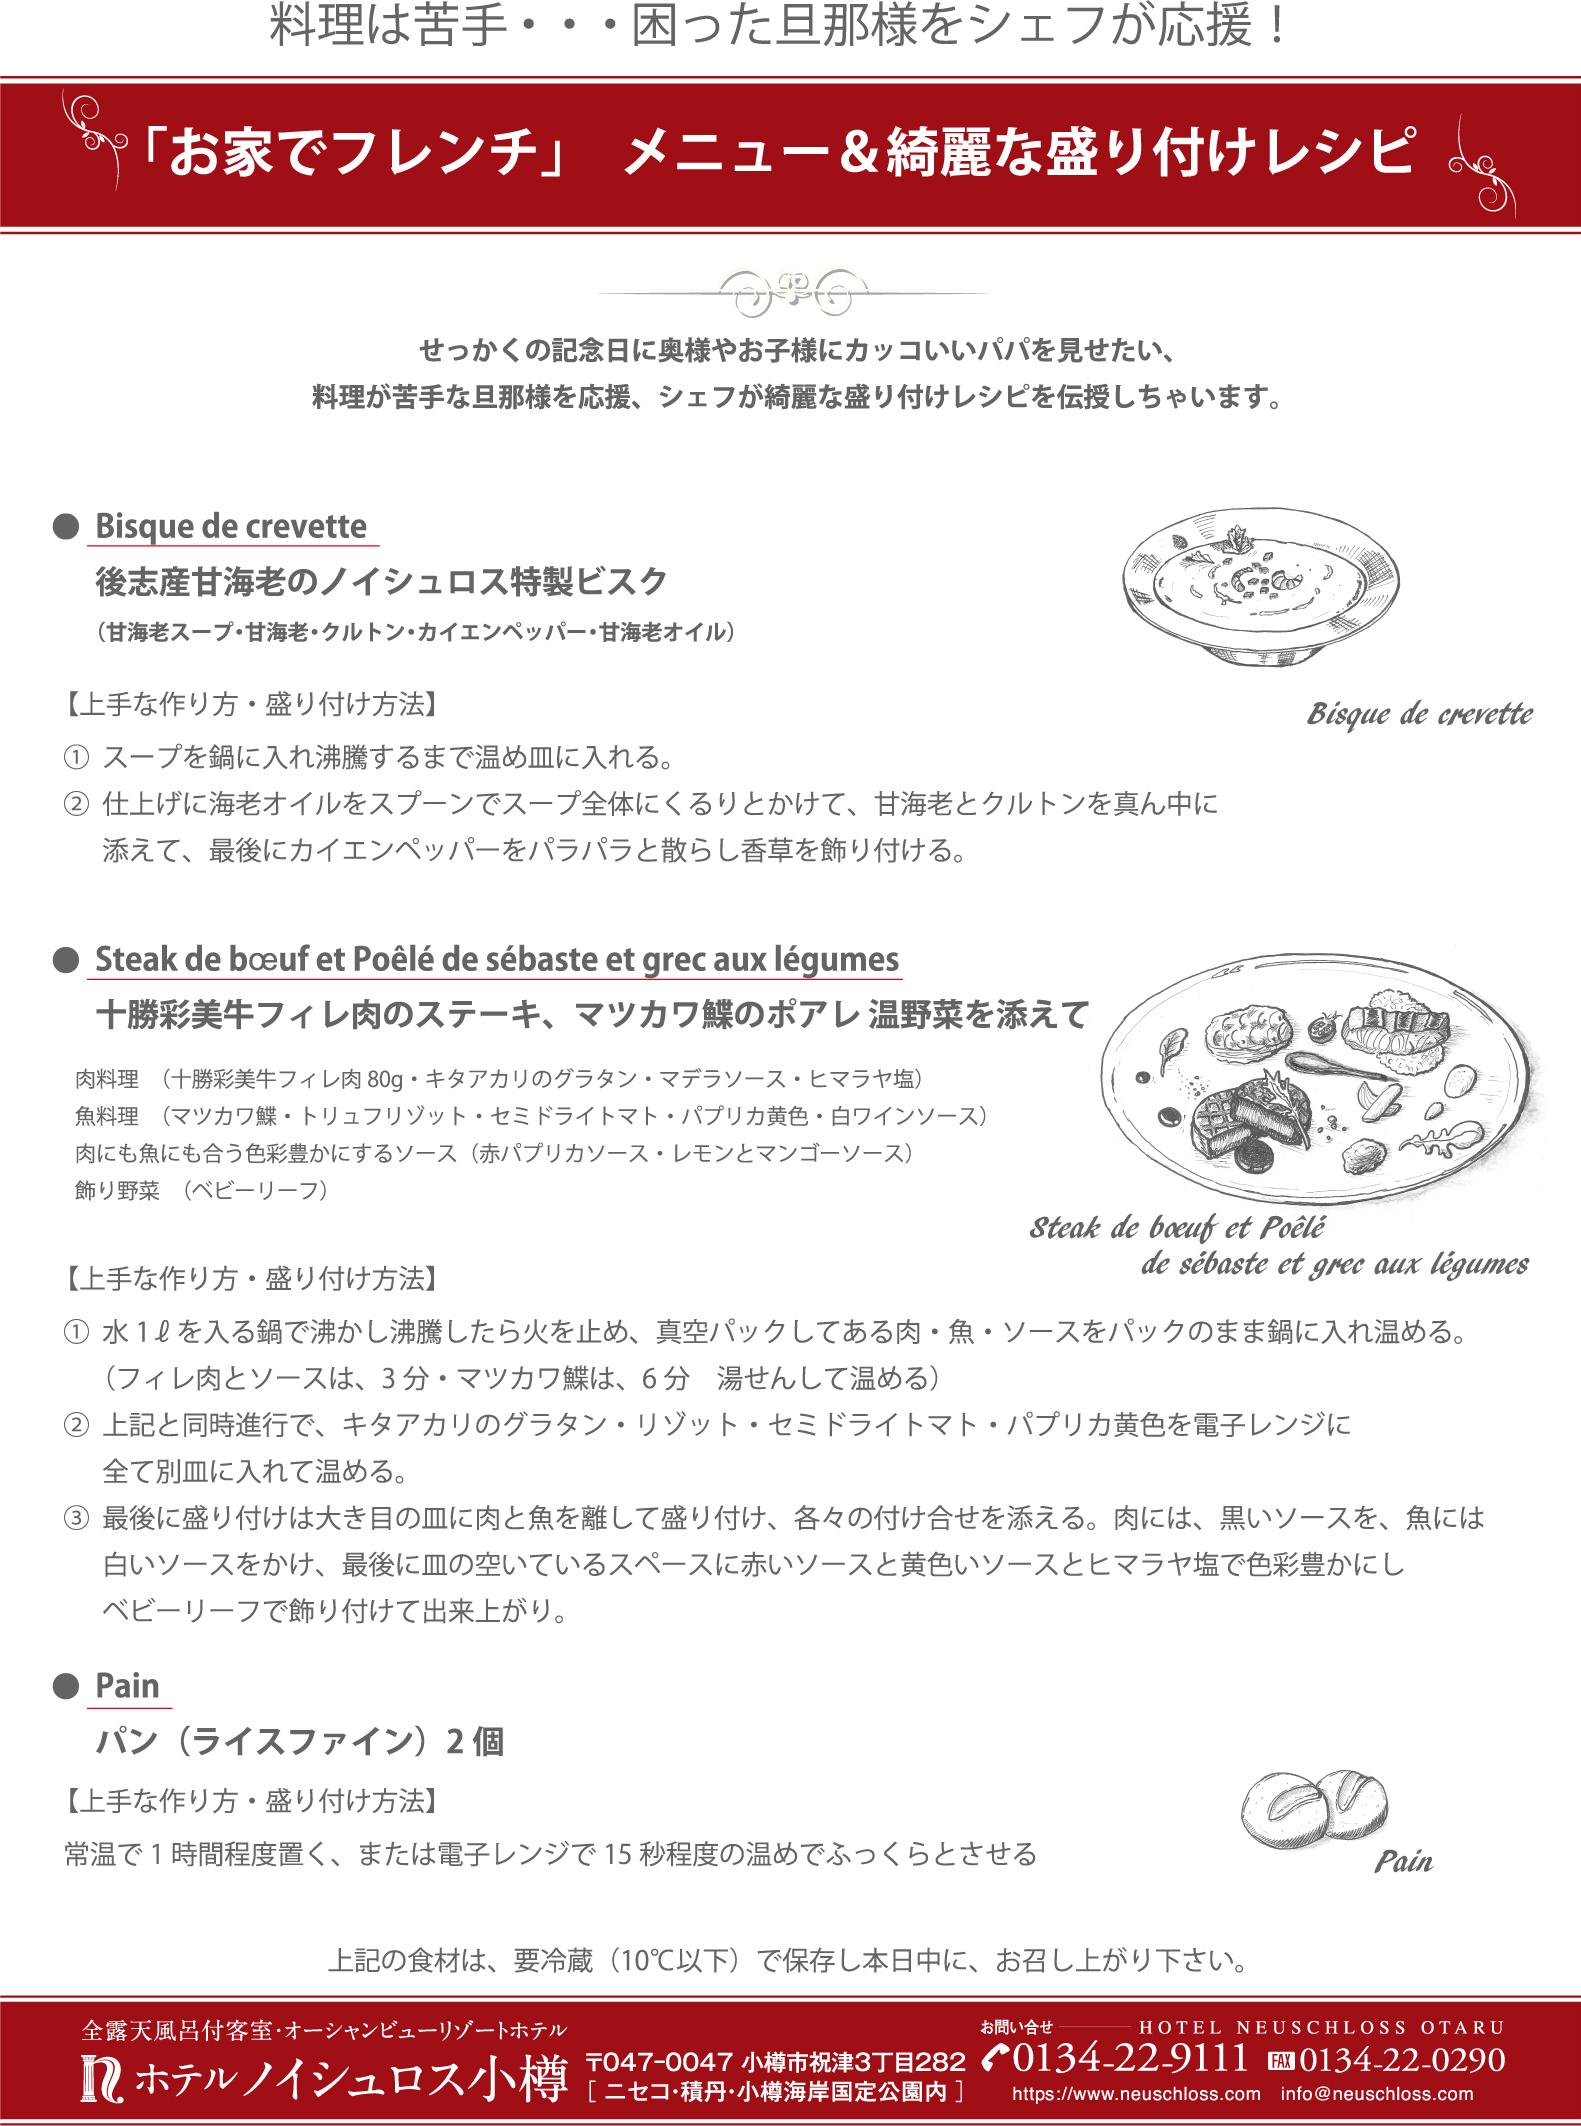 フレンチ テイクアウト 記念日の演出 小樽 北海道